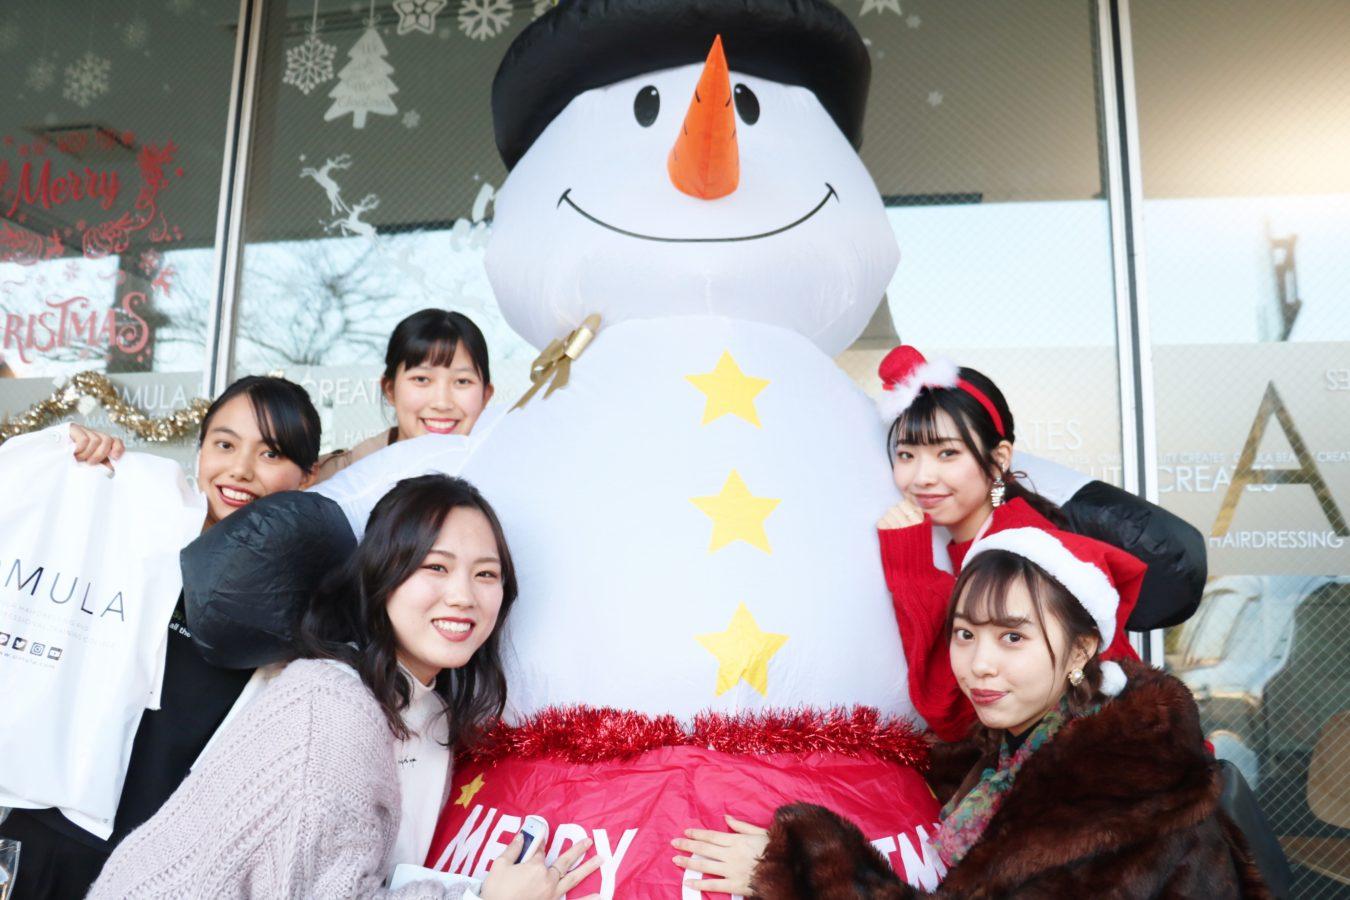 恒例☆クリスマスパーティー開催レポート at OMULA